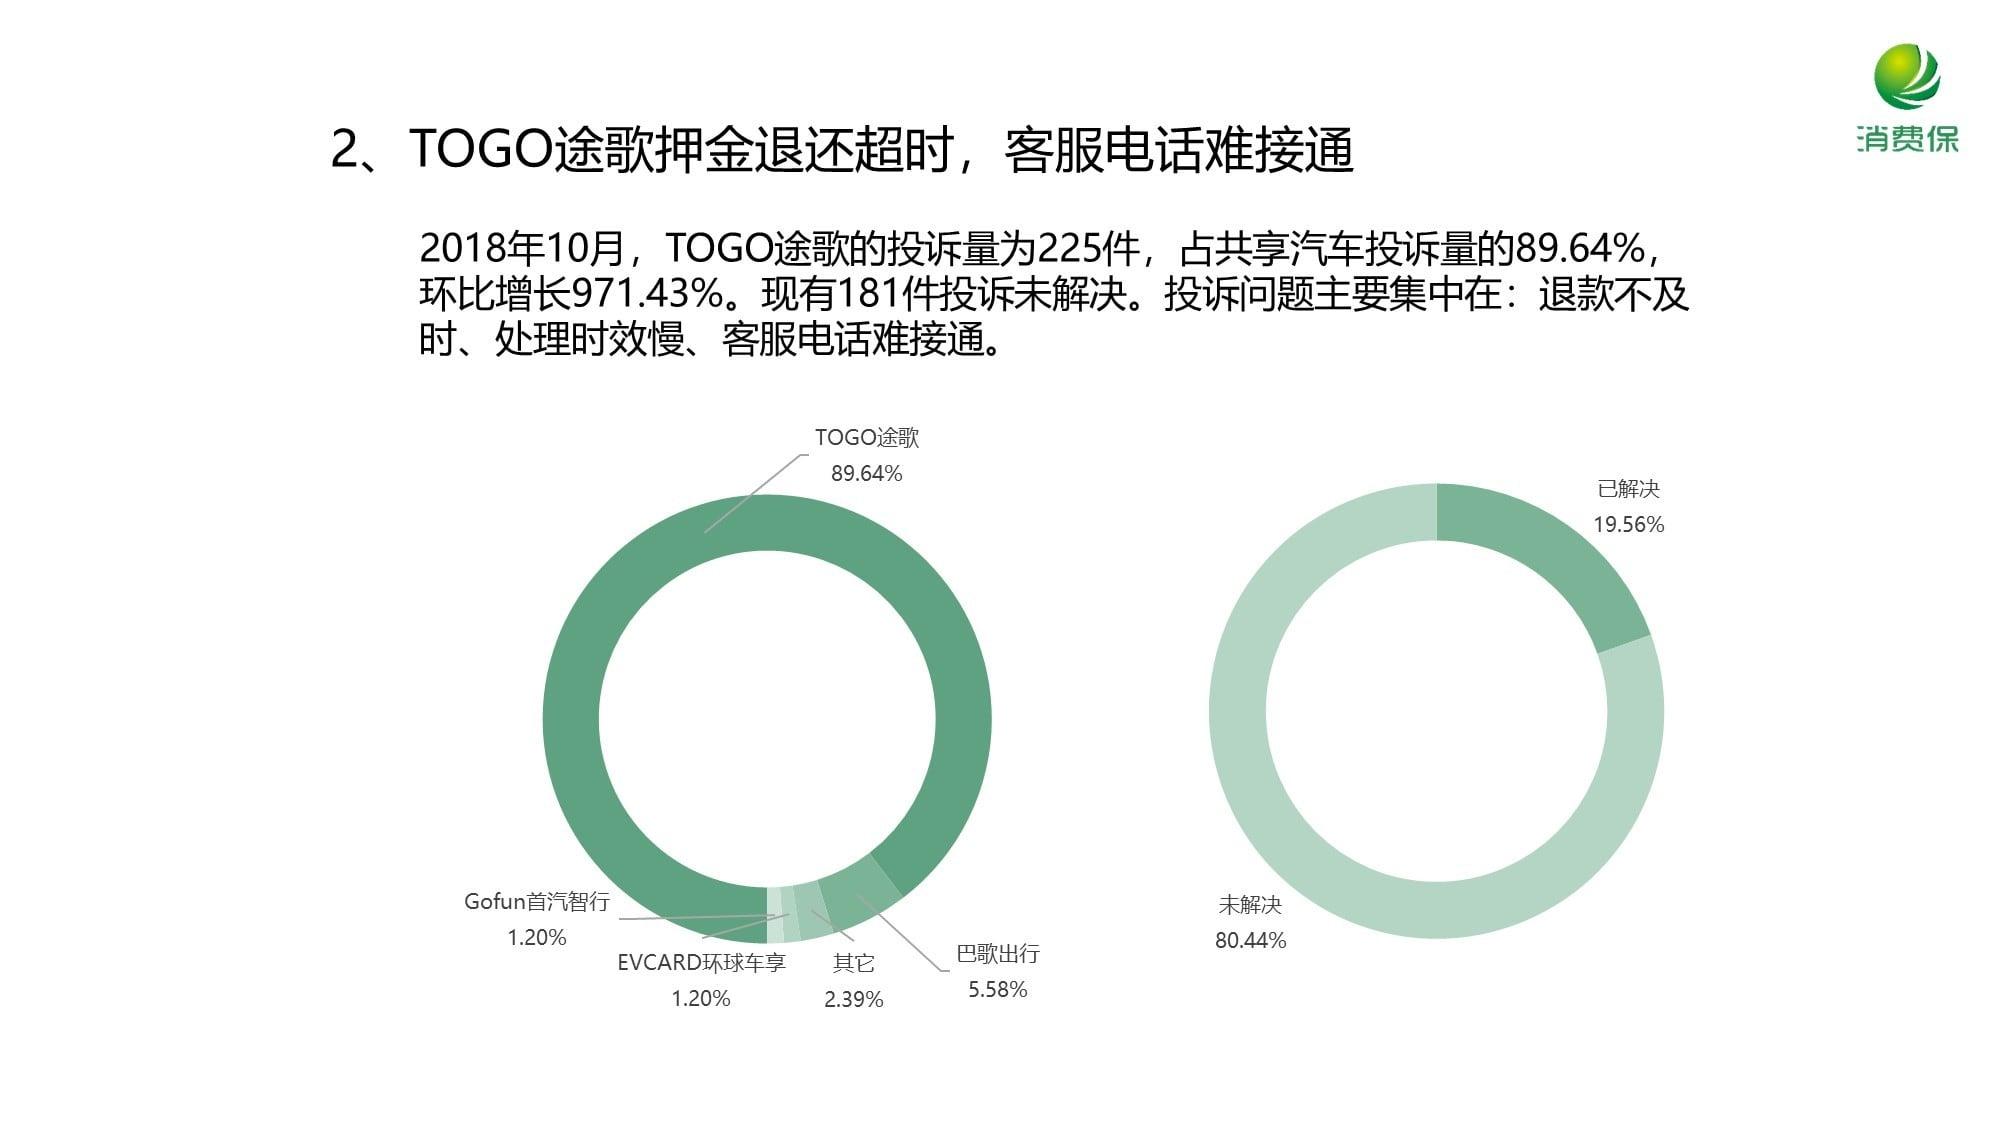 消费保_2018年10月投诉:环比增长727%!共享服务行业投诉呈爆发式增长